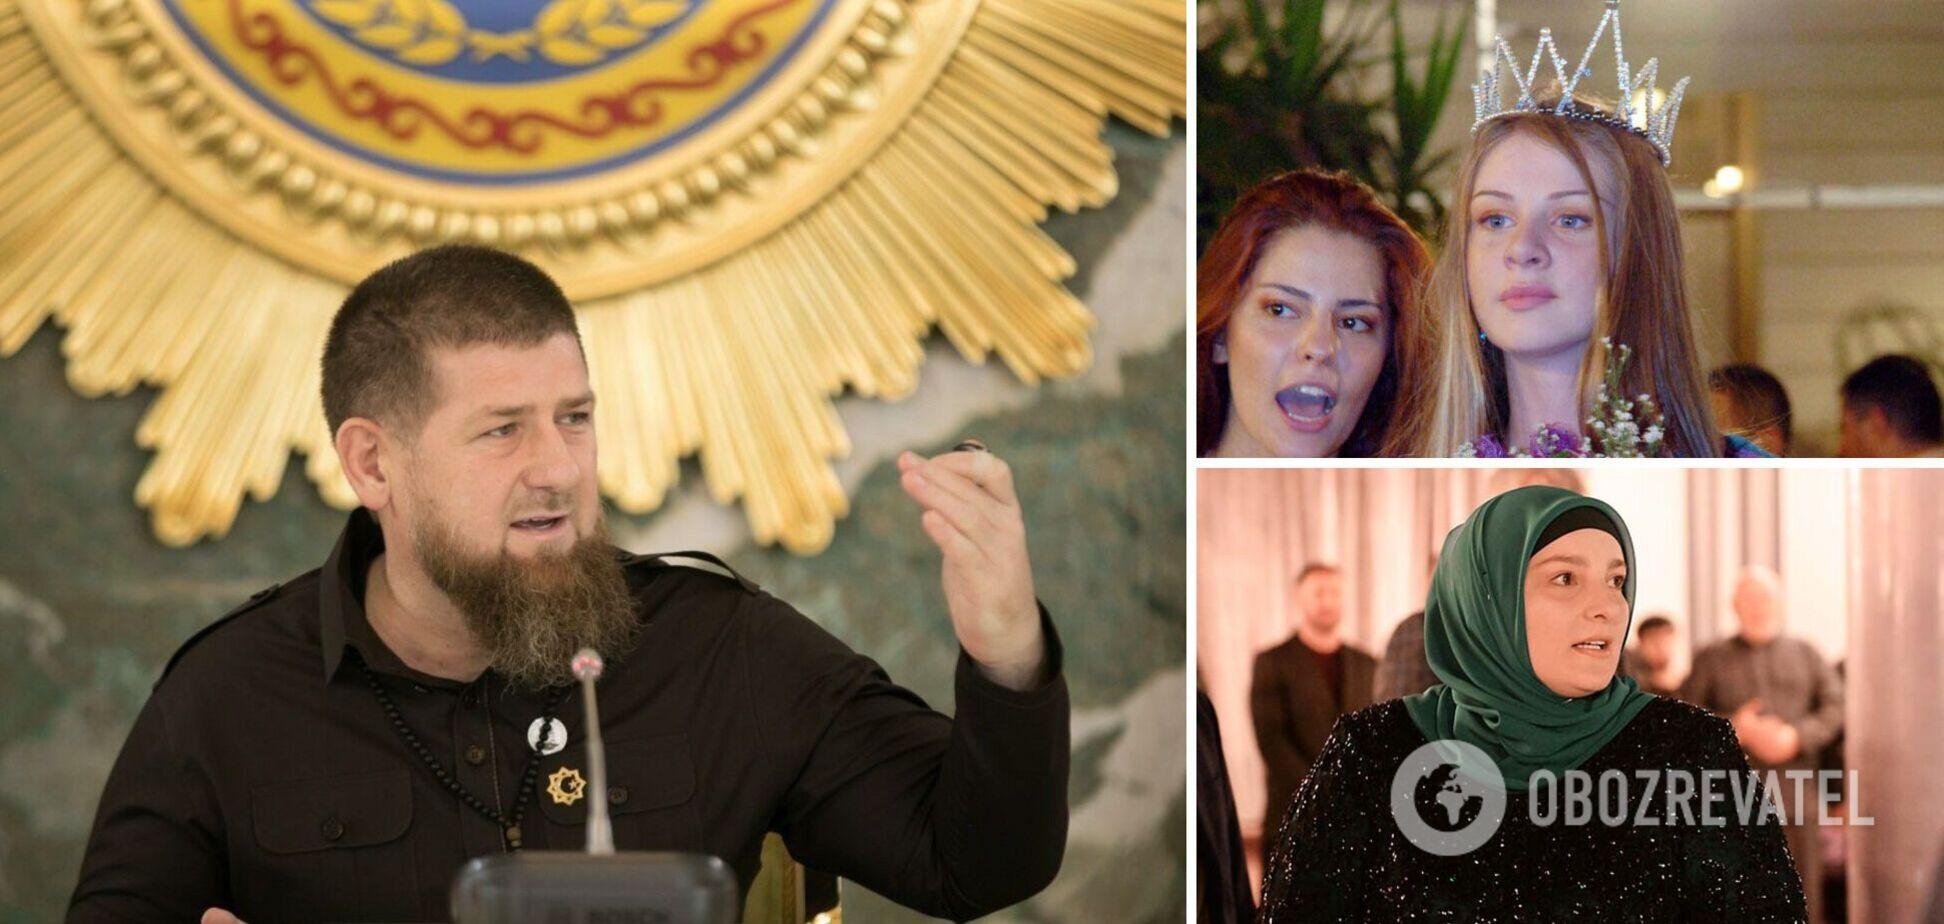 У официальной жены главы Чечни есть фальшивая личность